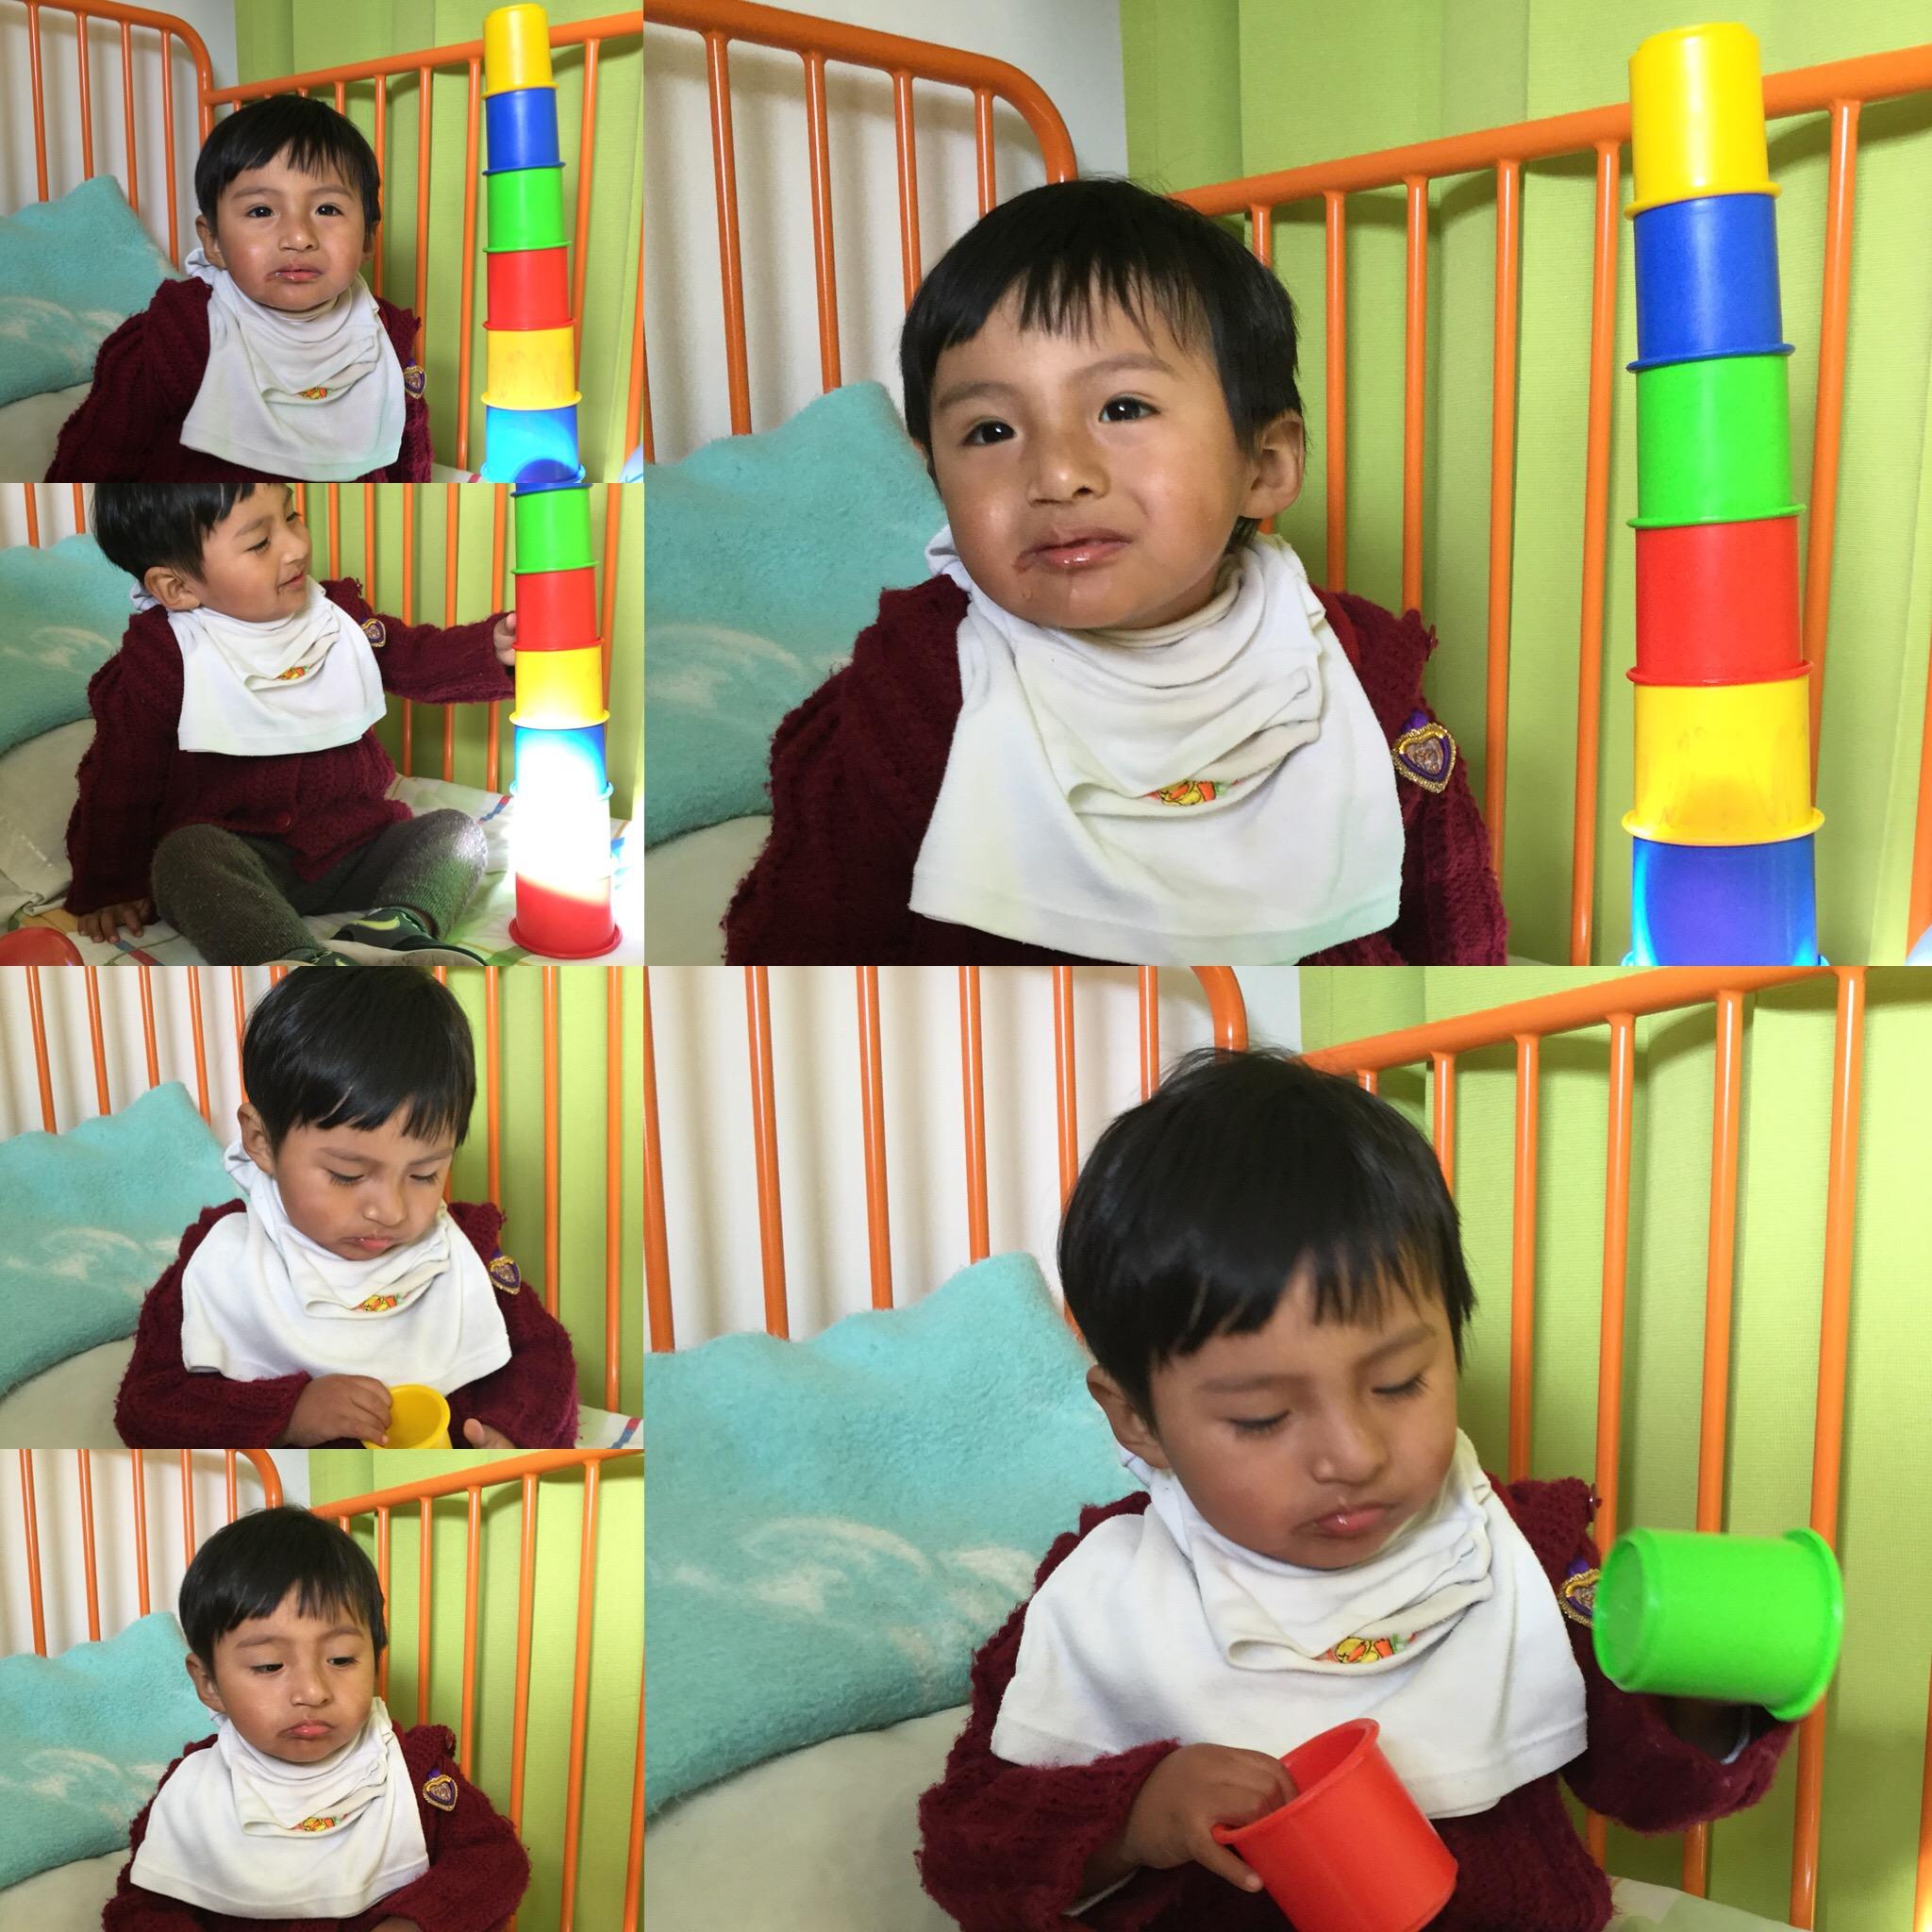 Paz holandesa medische hulp voor peruaanse kinderen perucleftlip mpjk0152 thecheapjerseys Images